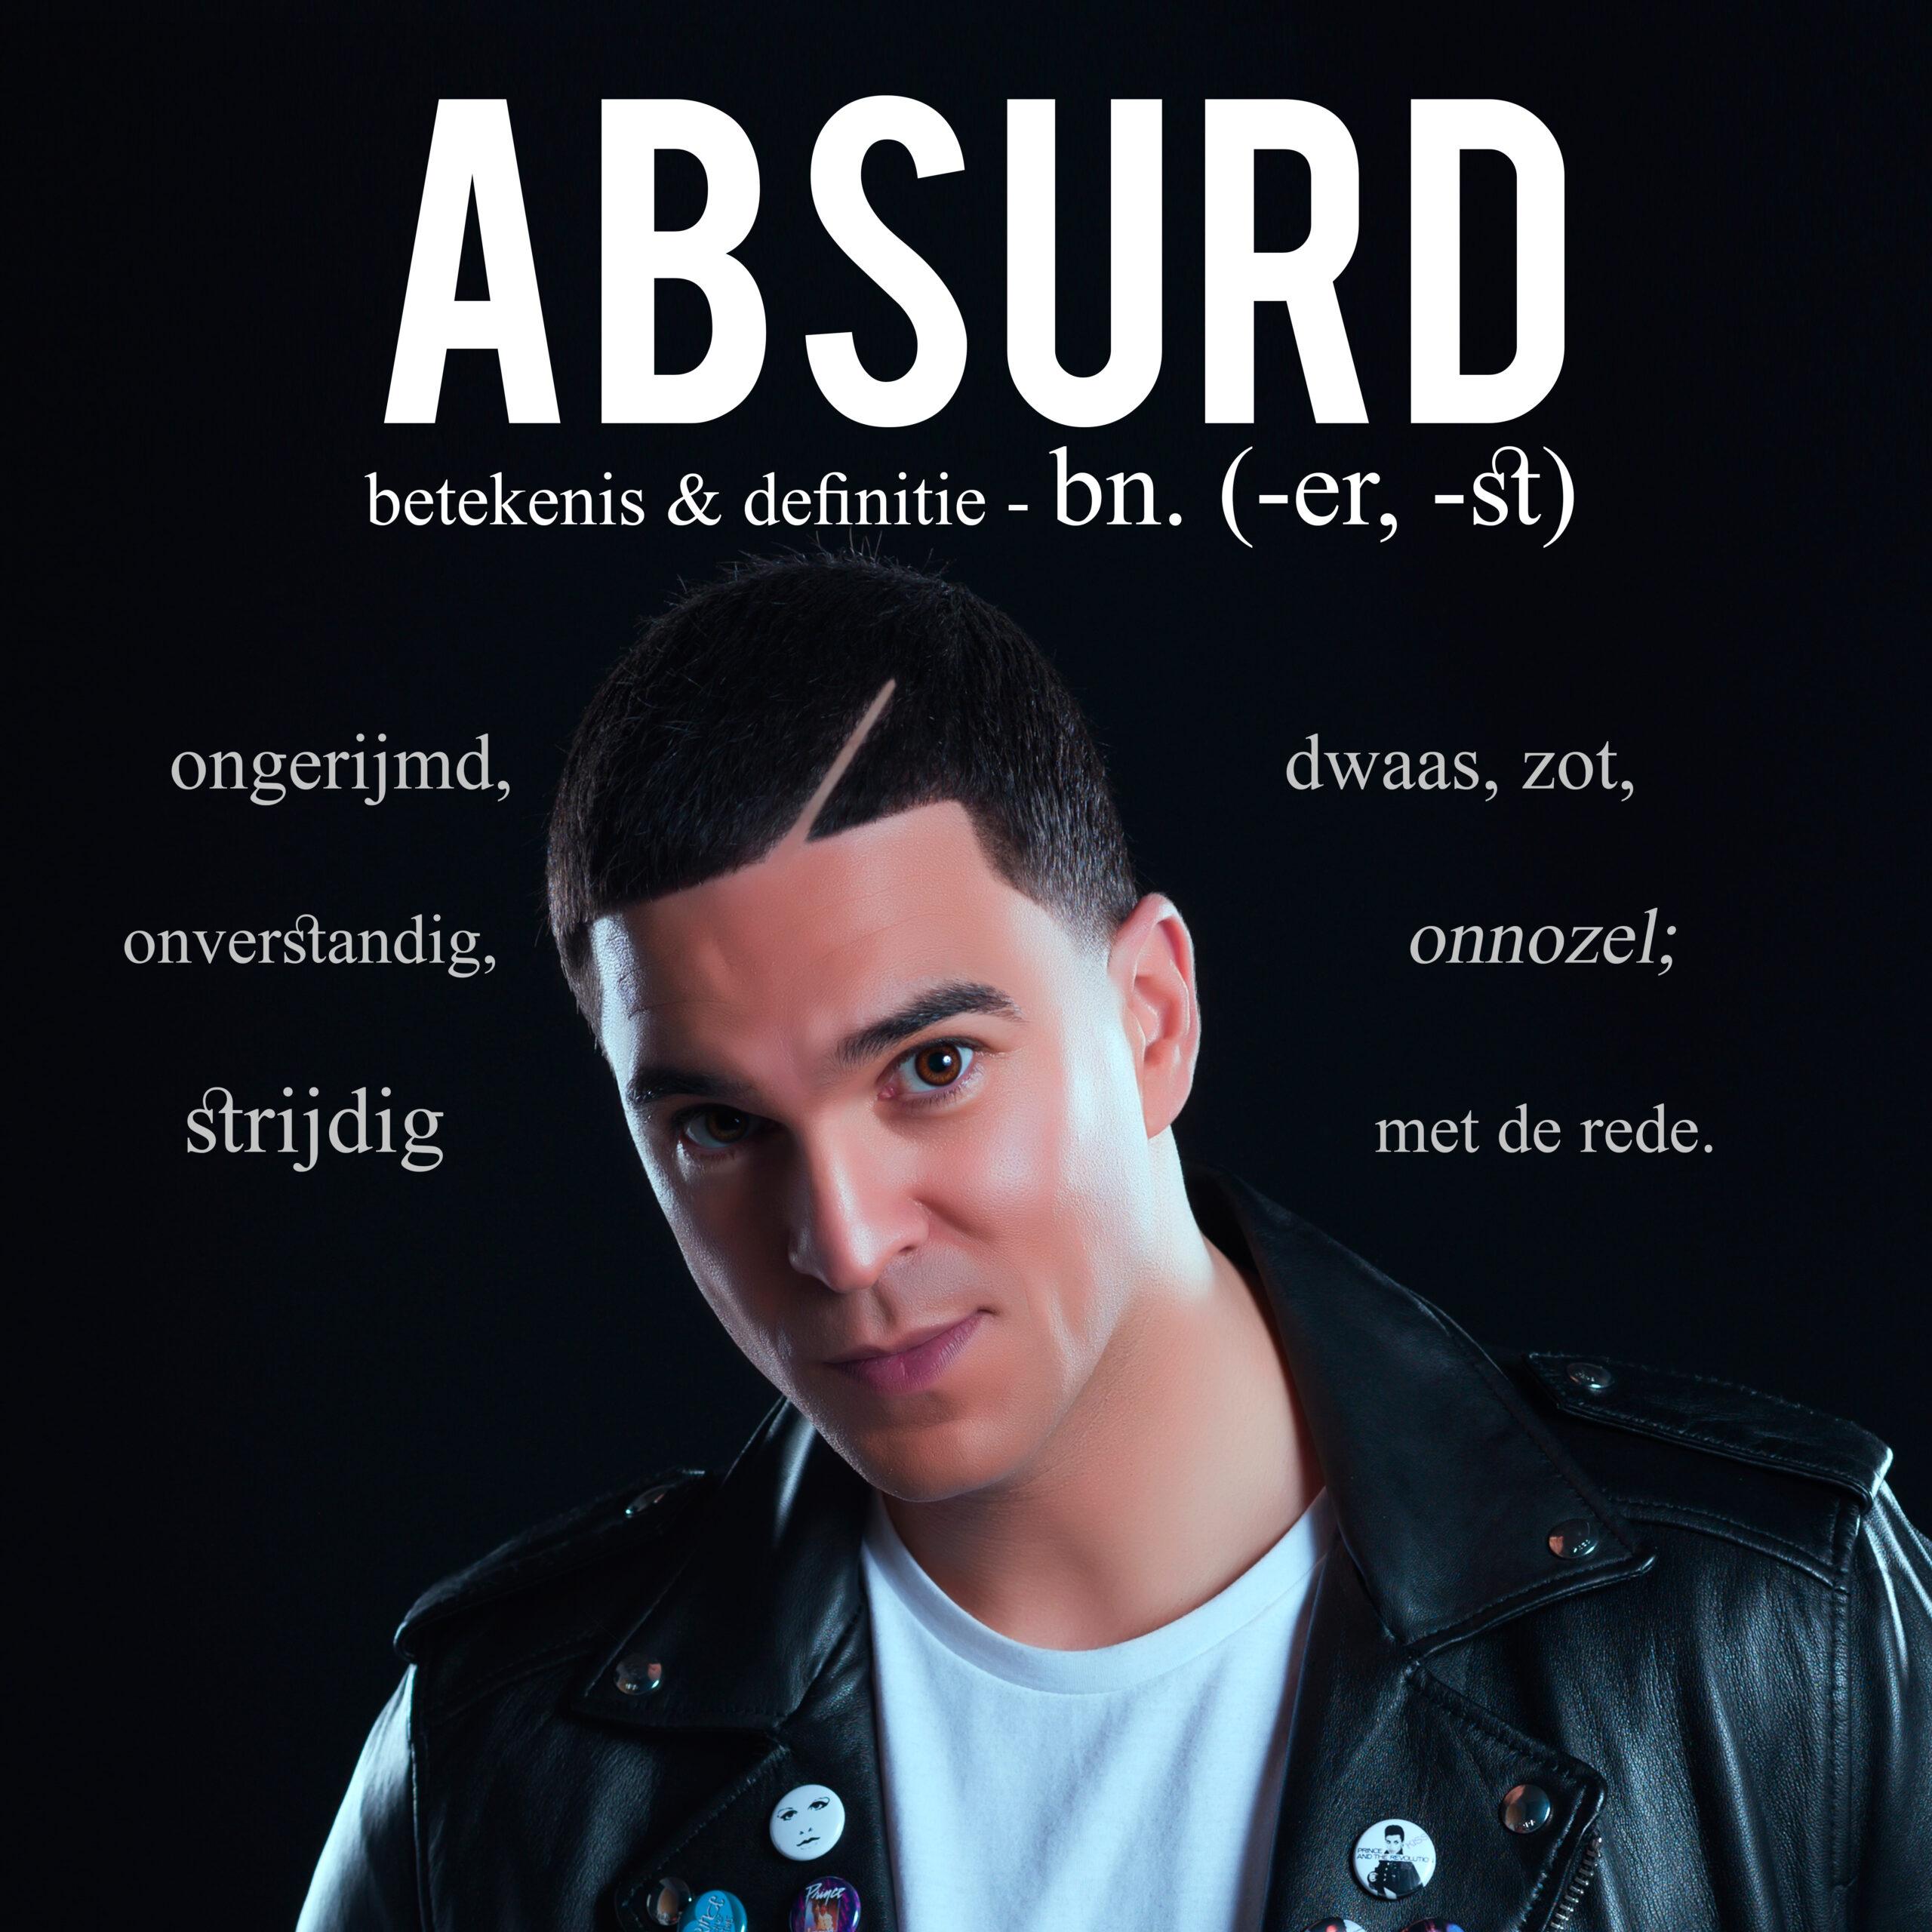 Nabil_Absurd_(c)Tony Lujien_vierkant